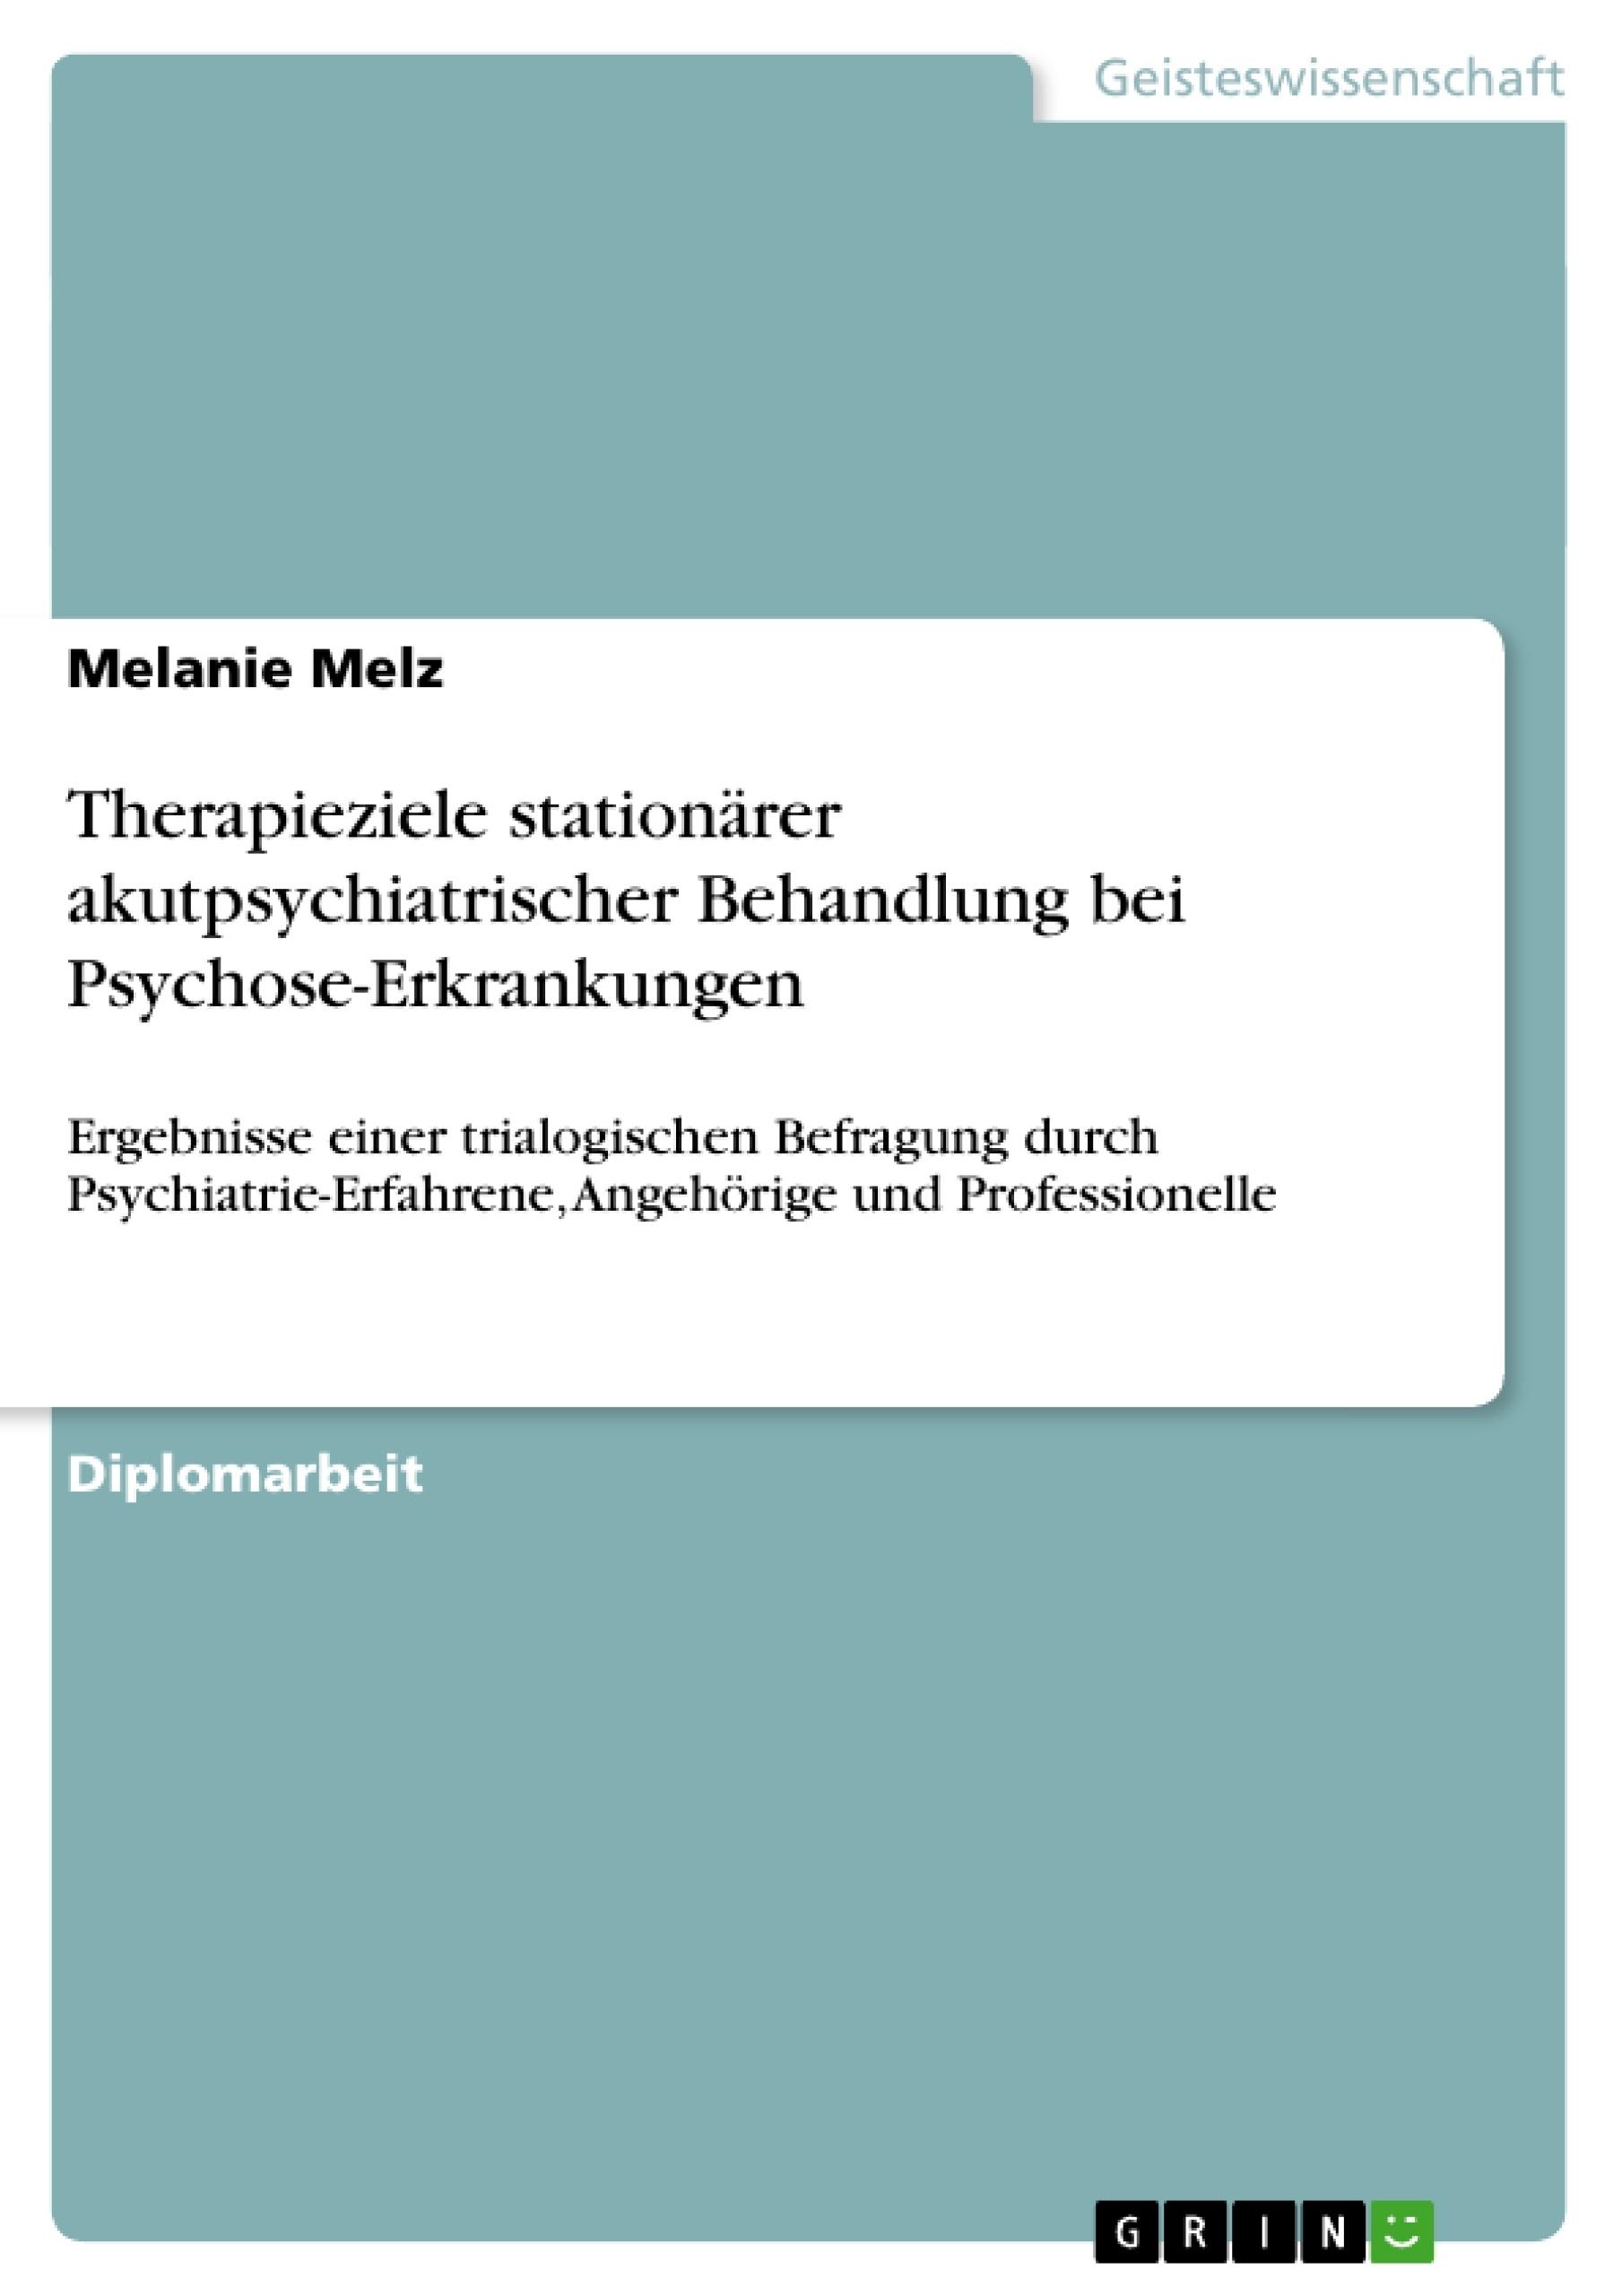 Titel: Therapieziele stationärer akutpsychiatrischer Behandlung bei Psychose-Erkrankungen